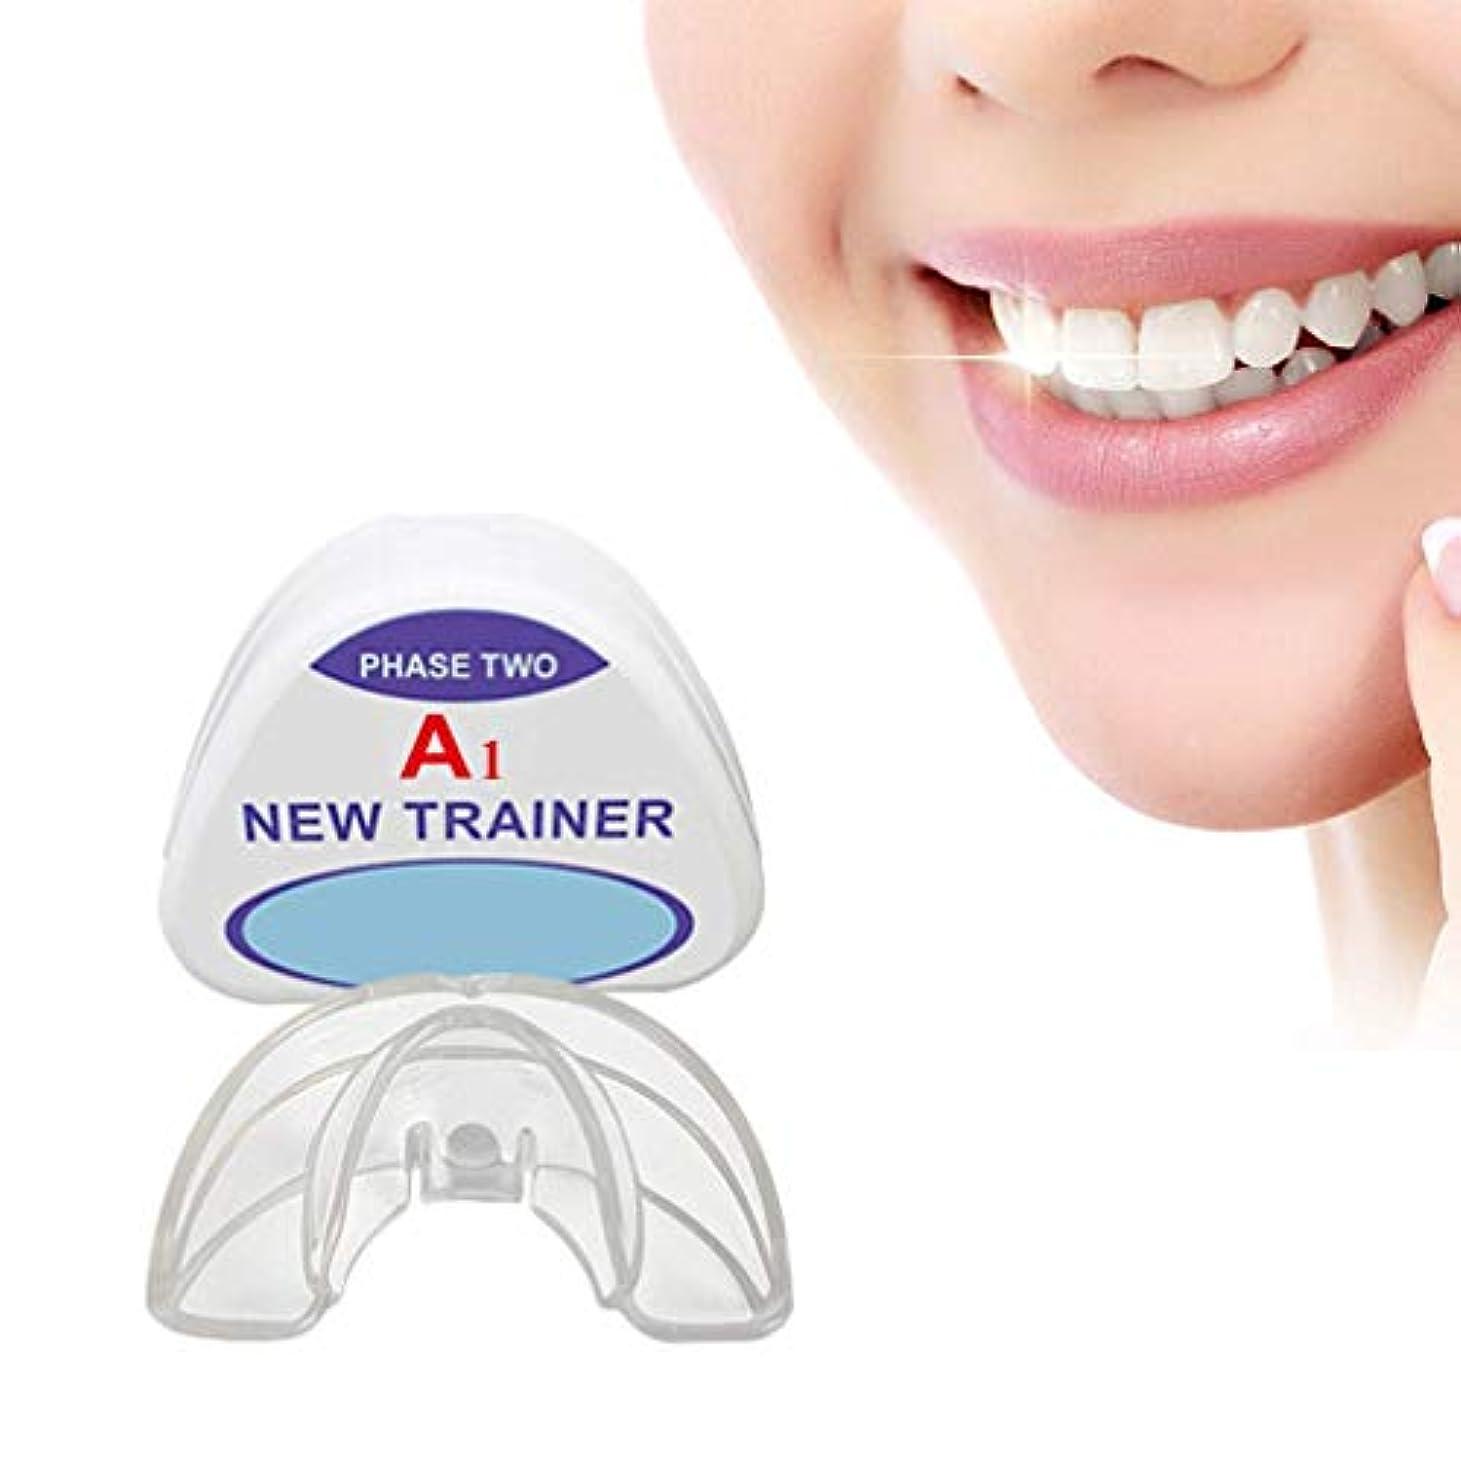 悪夢橋脚地雷原歯列矯正トレーナーリテーナー、歯科矯正ブレース、歯科マウスガード矯正器具、夜間予防臼歯ブレース、(2ステージ)、A1 + A2,A1